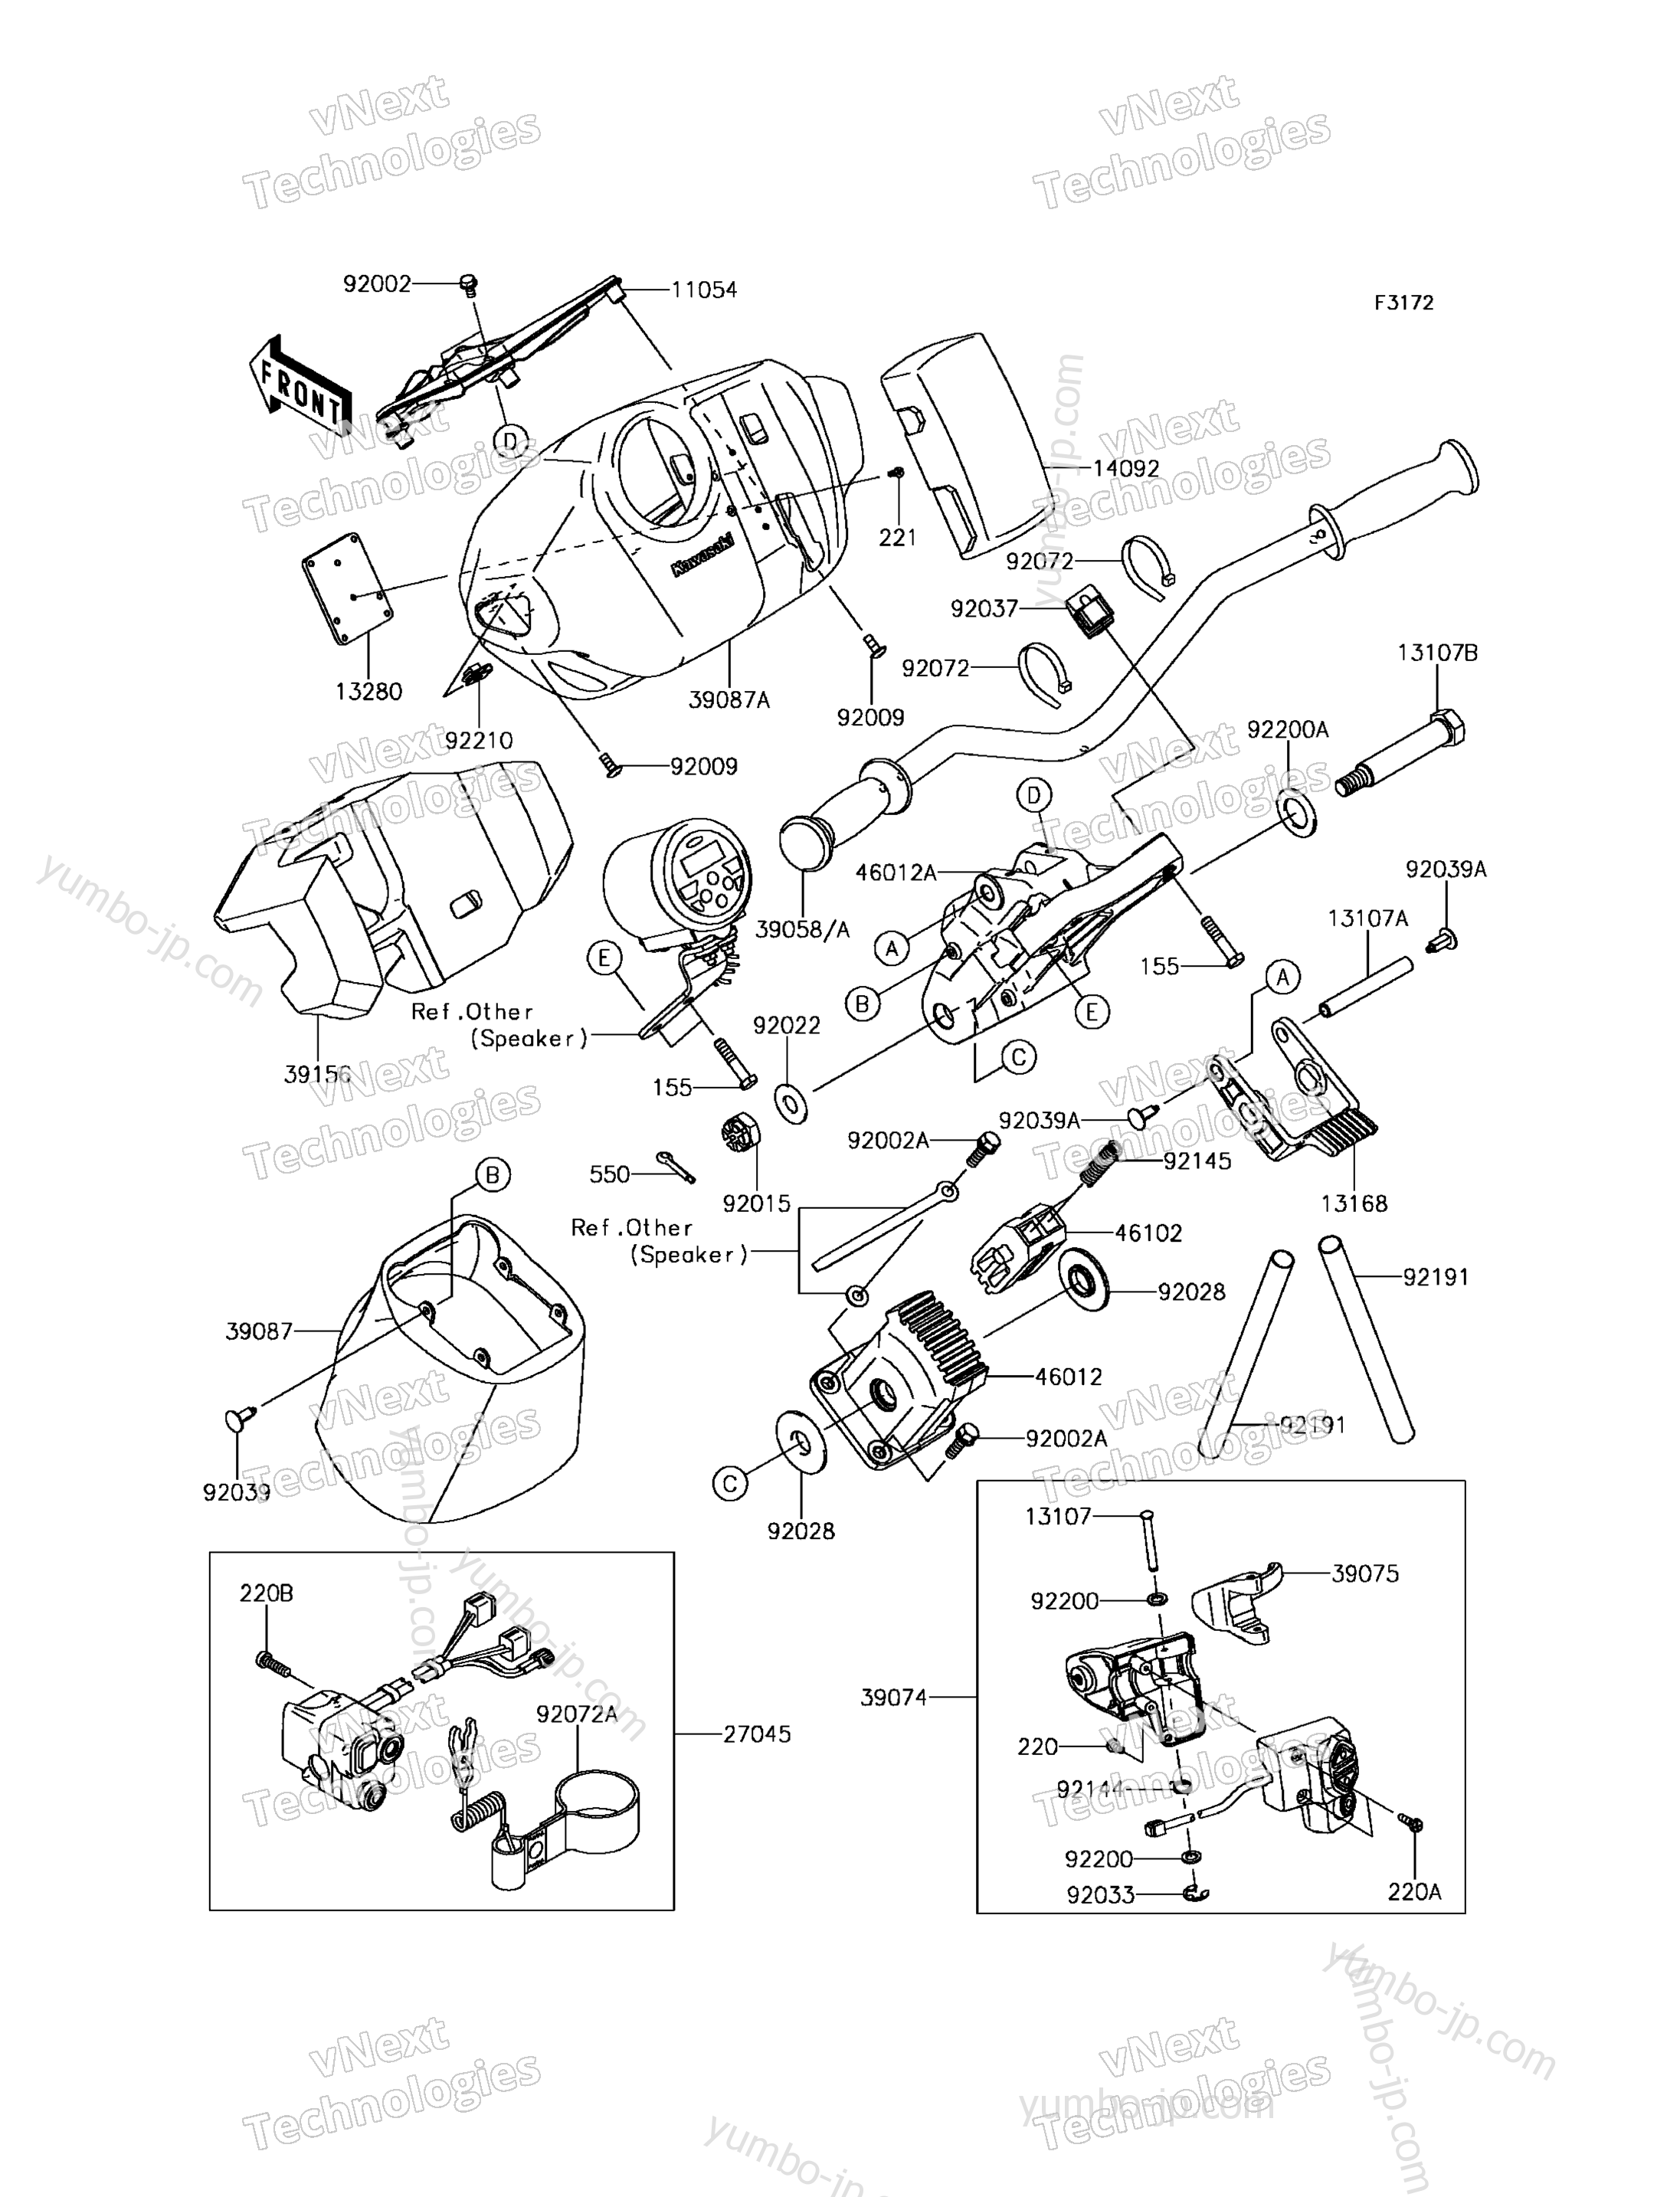 Румпель (рукоятка управления) для гидроциклов KAWASAKI JET SKI ULTRA 310LX (JT1500MEF) 2014 г.